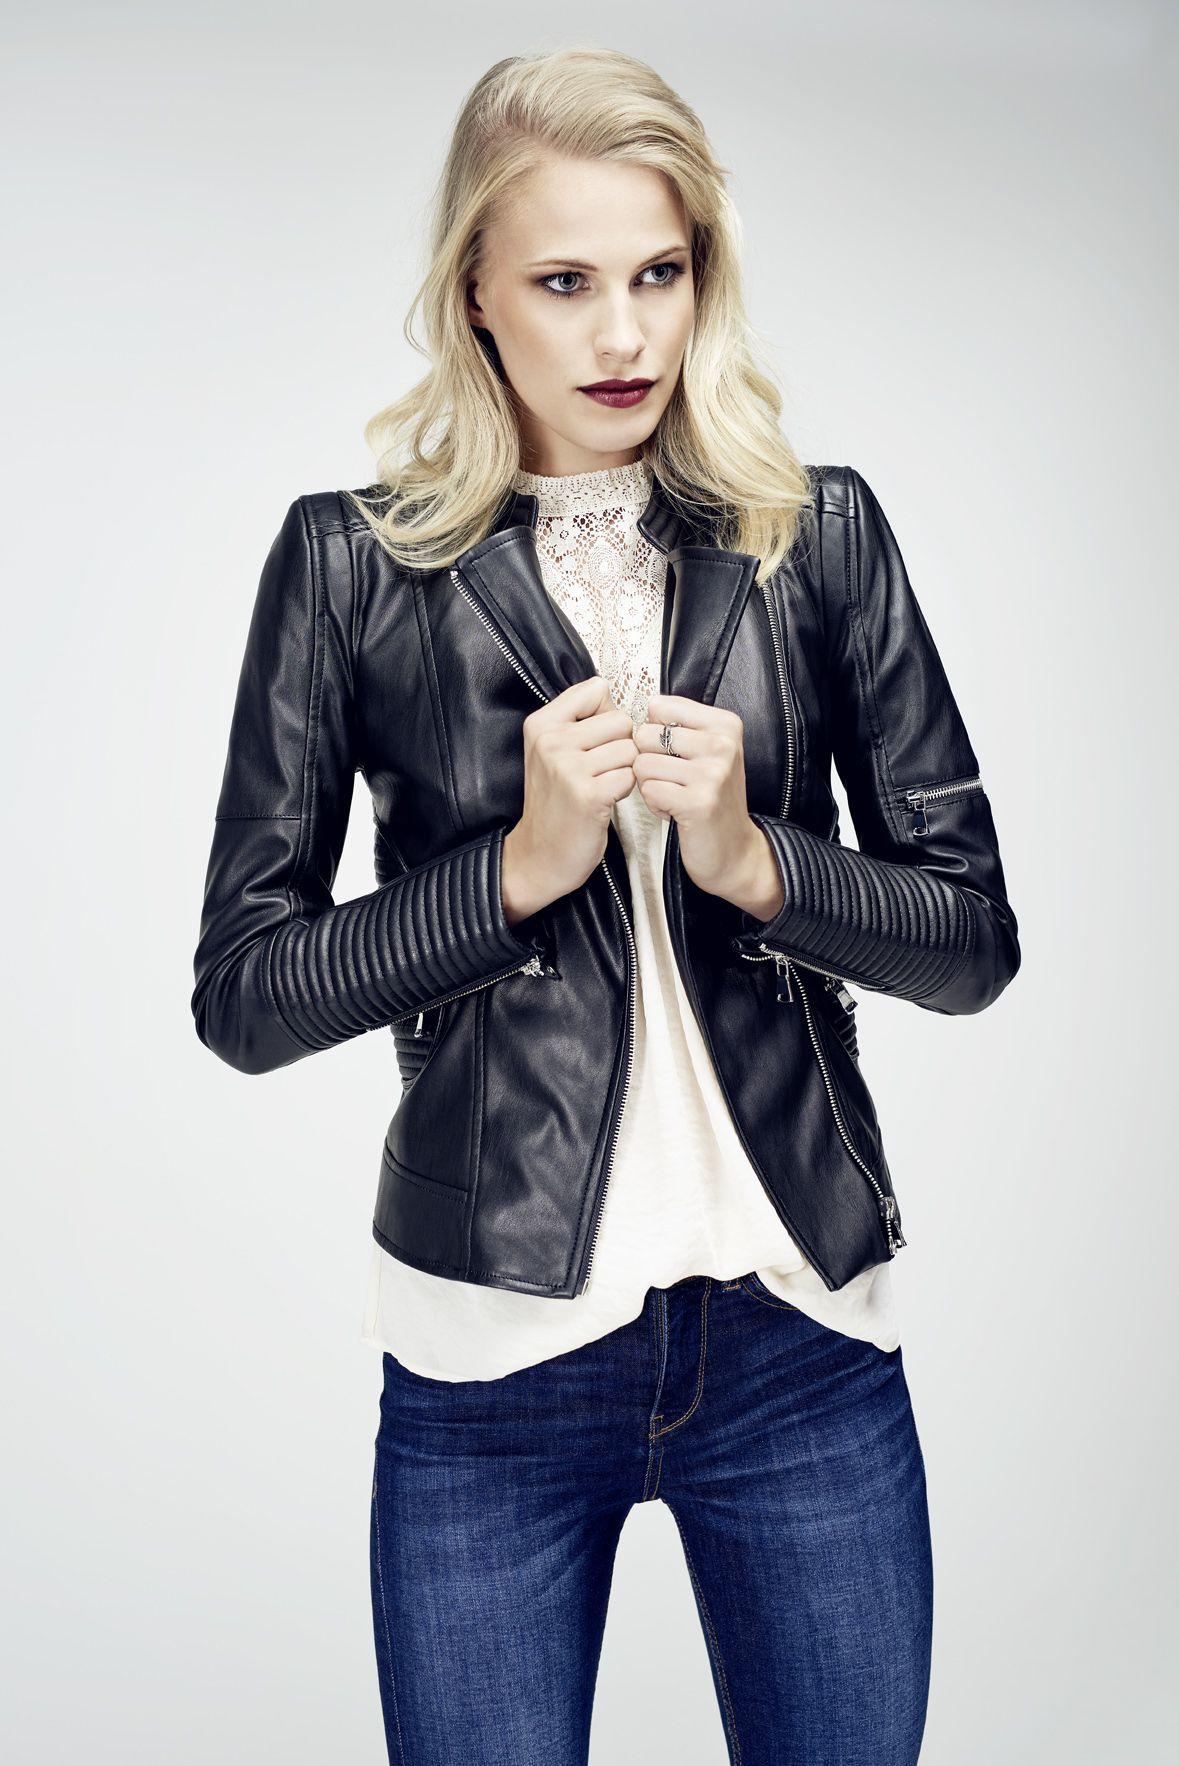 New Un Toque Moda Y Compras Estilo De Yorker Amisu rr1zxEqwTS